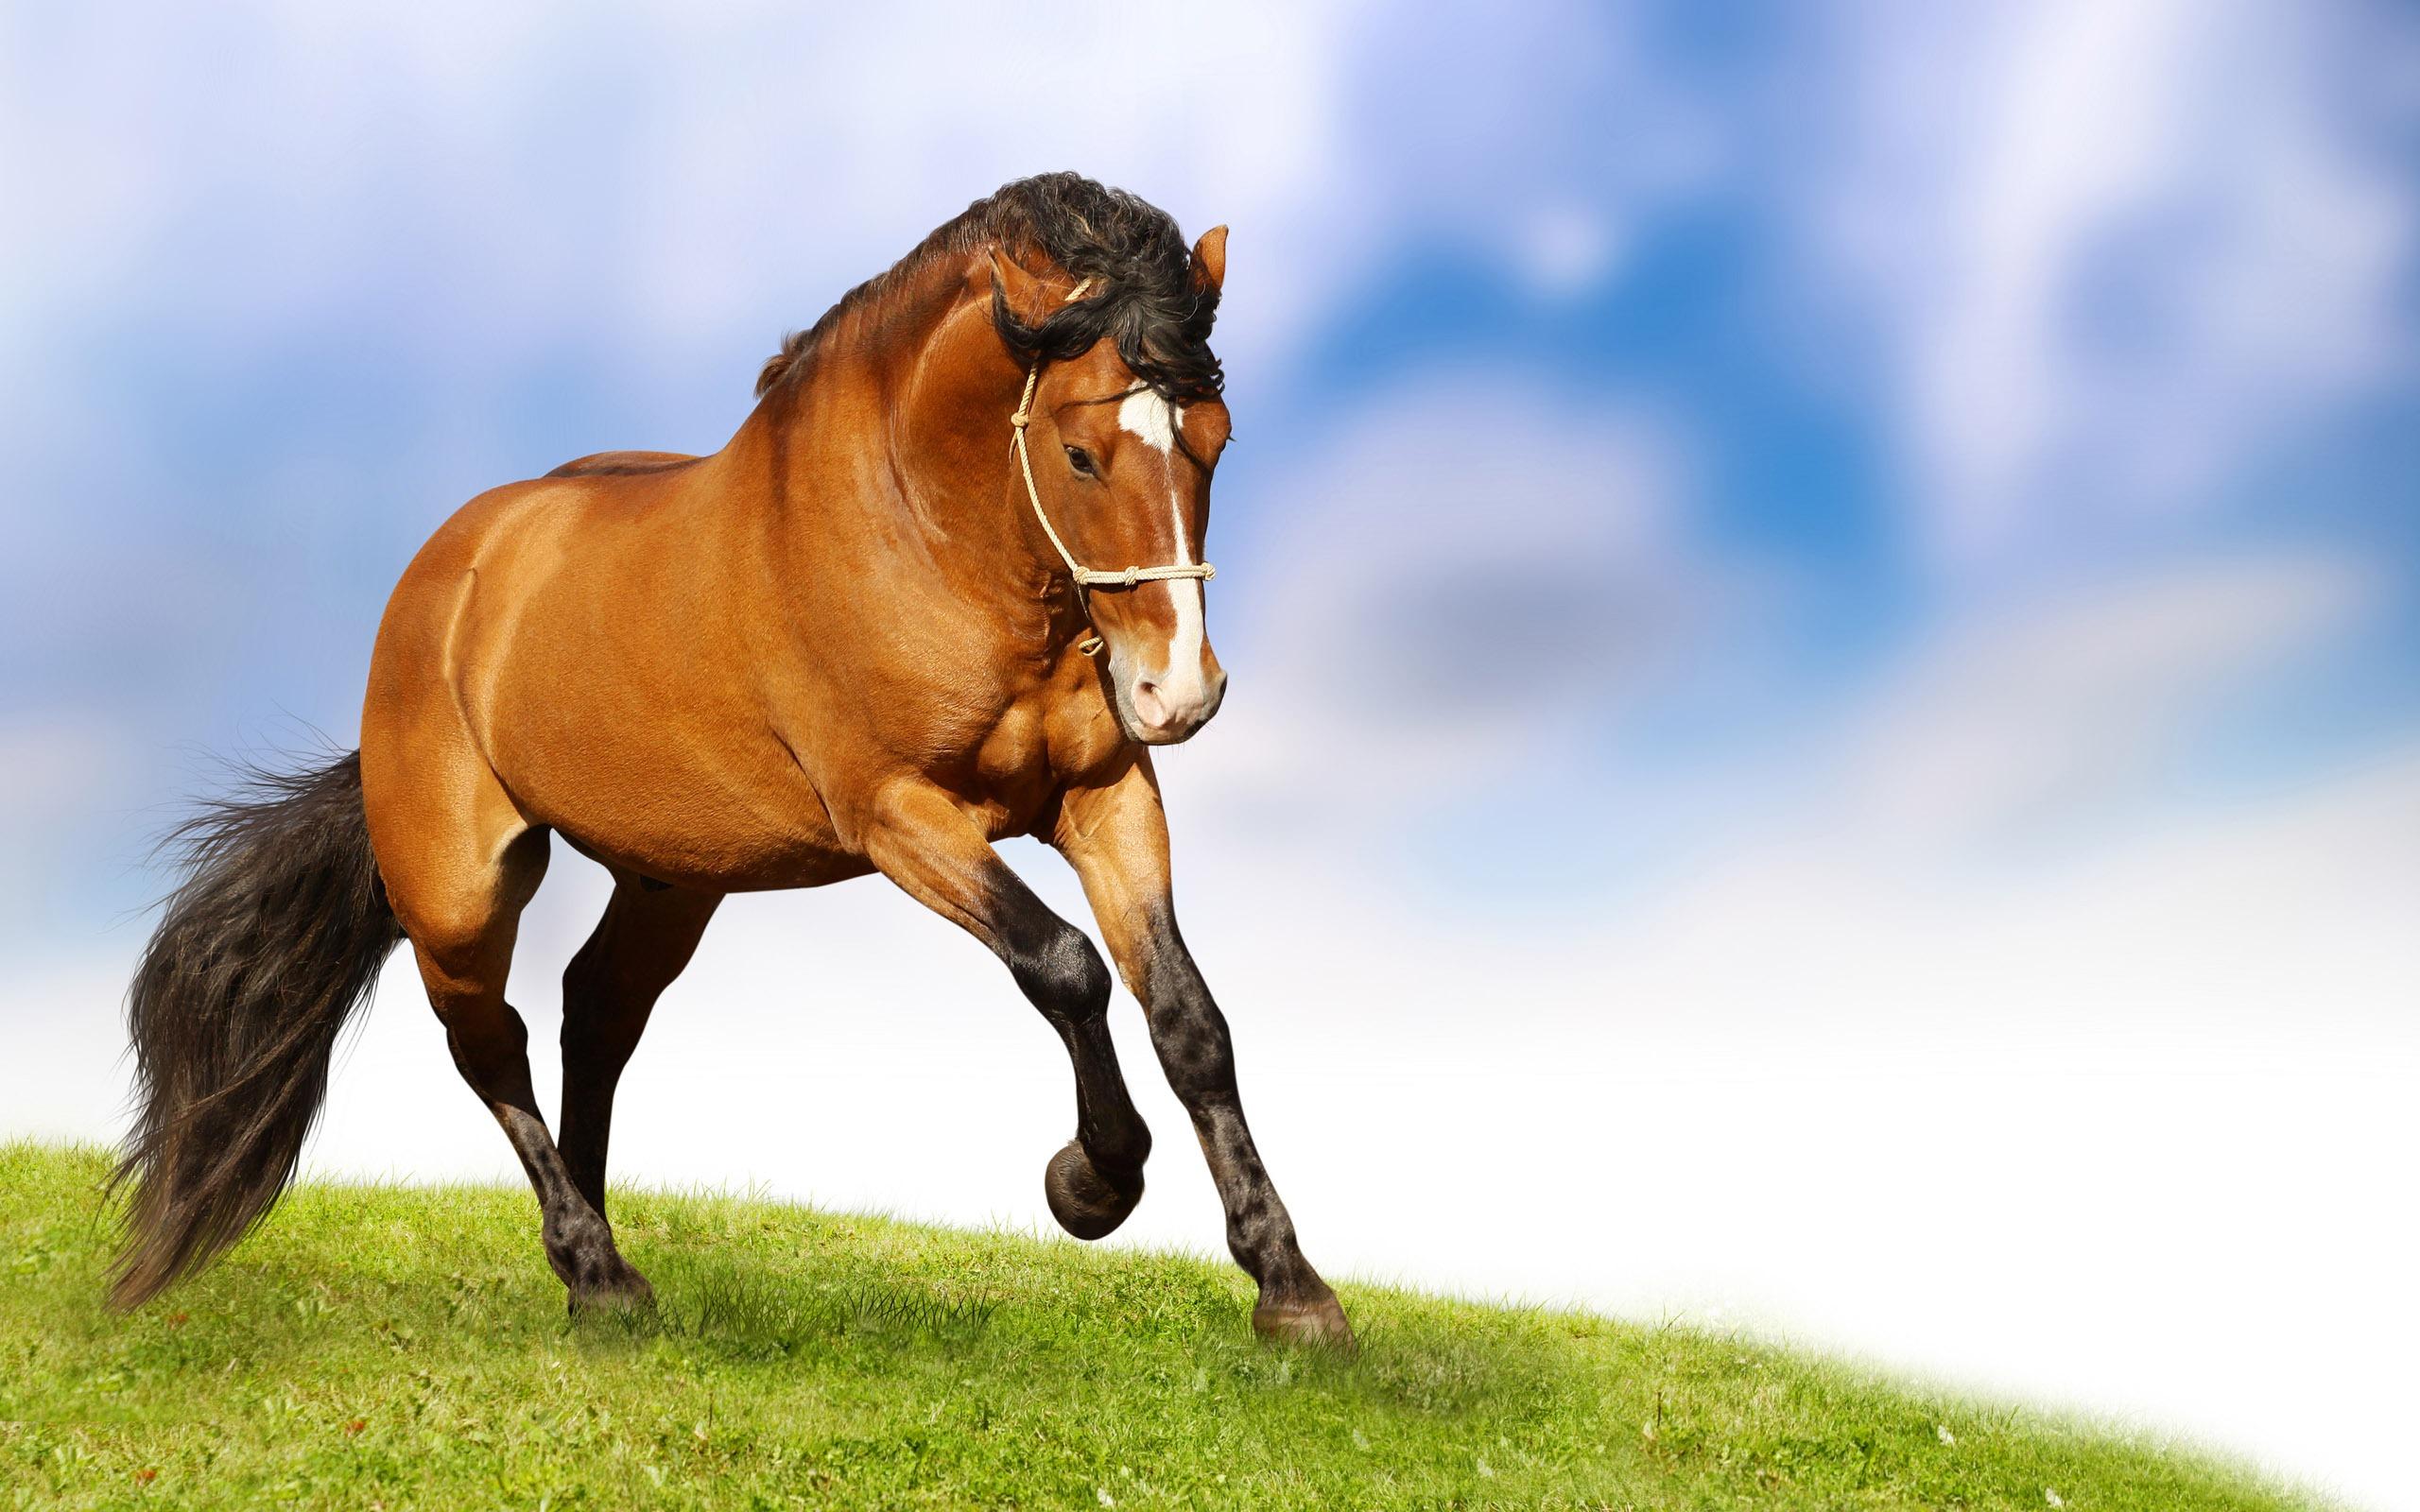 xem ảnh con ngựa đẹp nhất